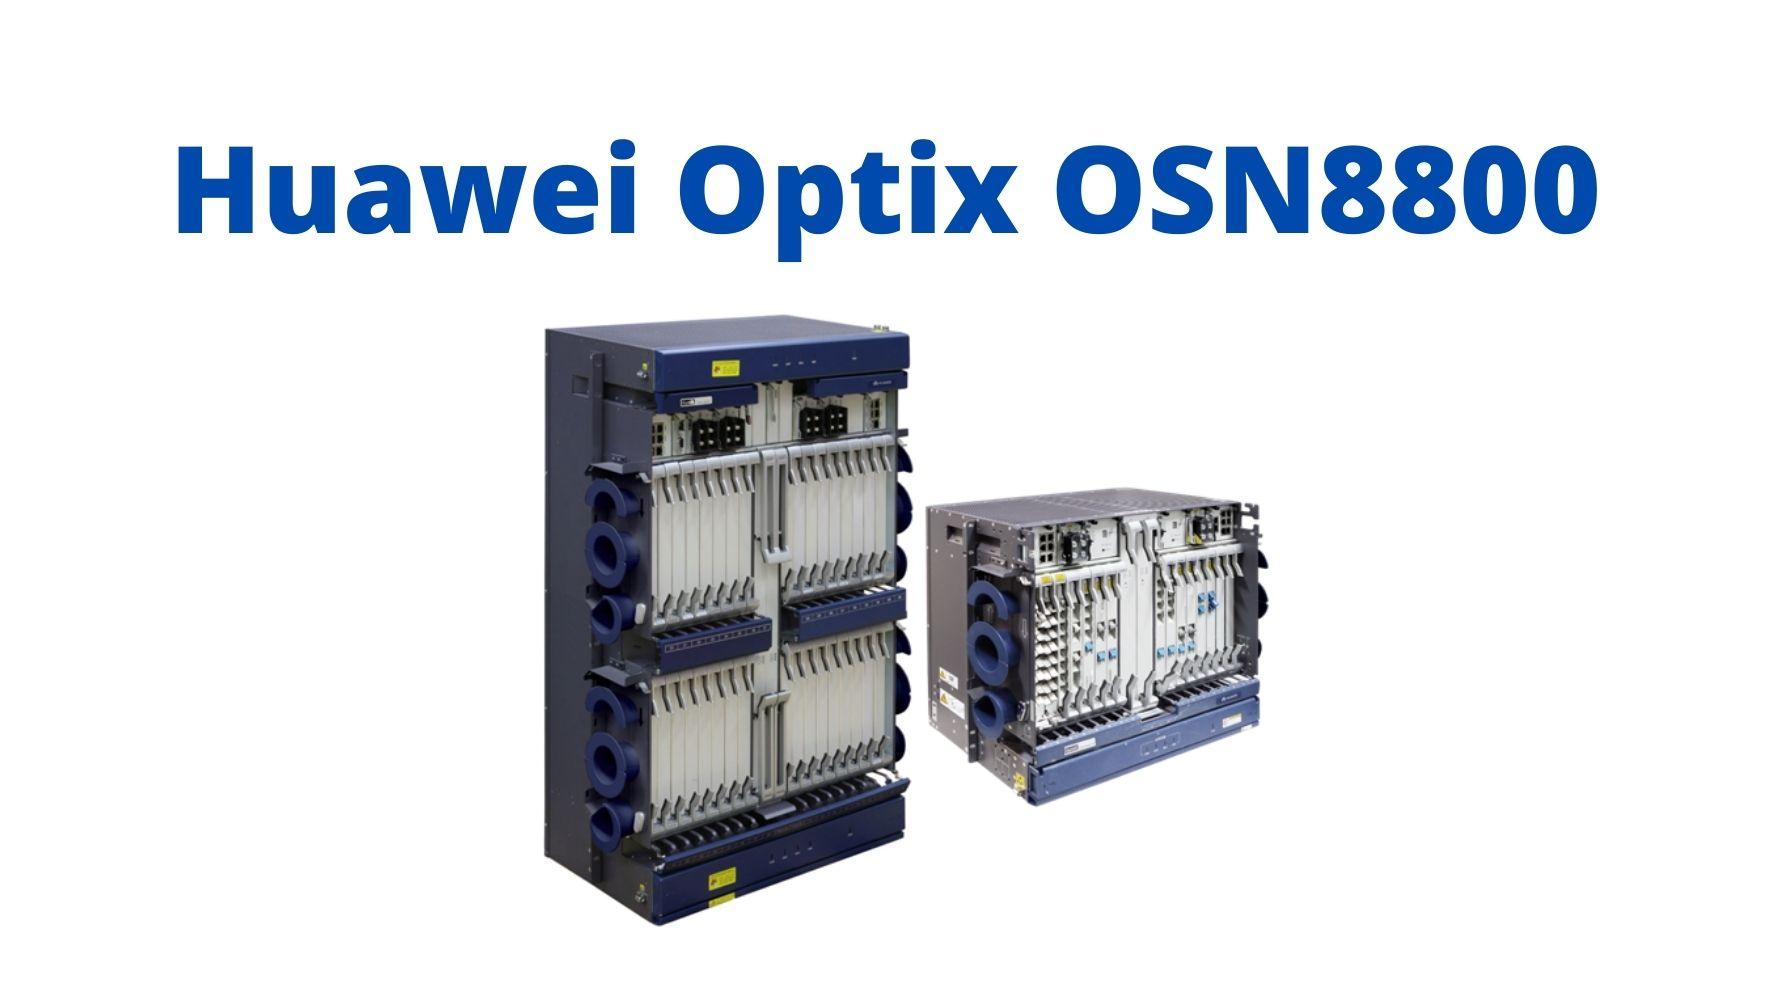 Huawei Optix OSN8800